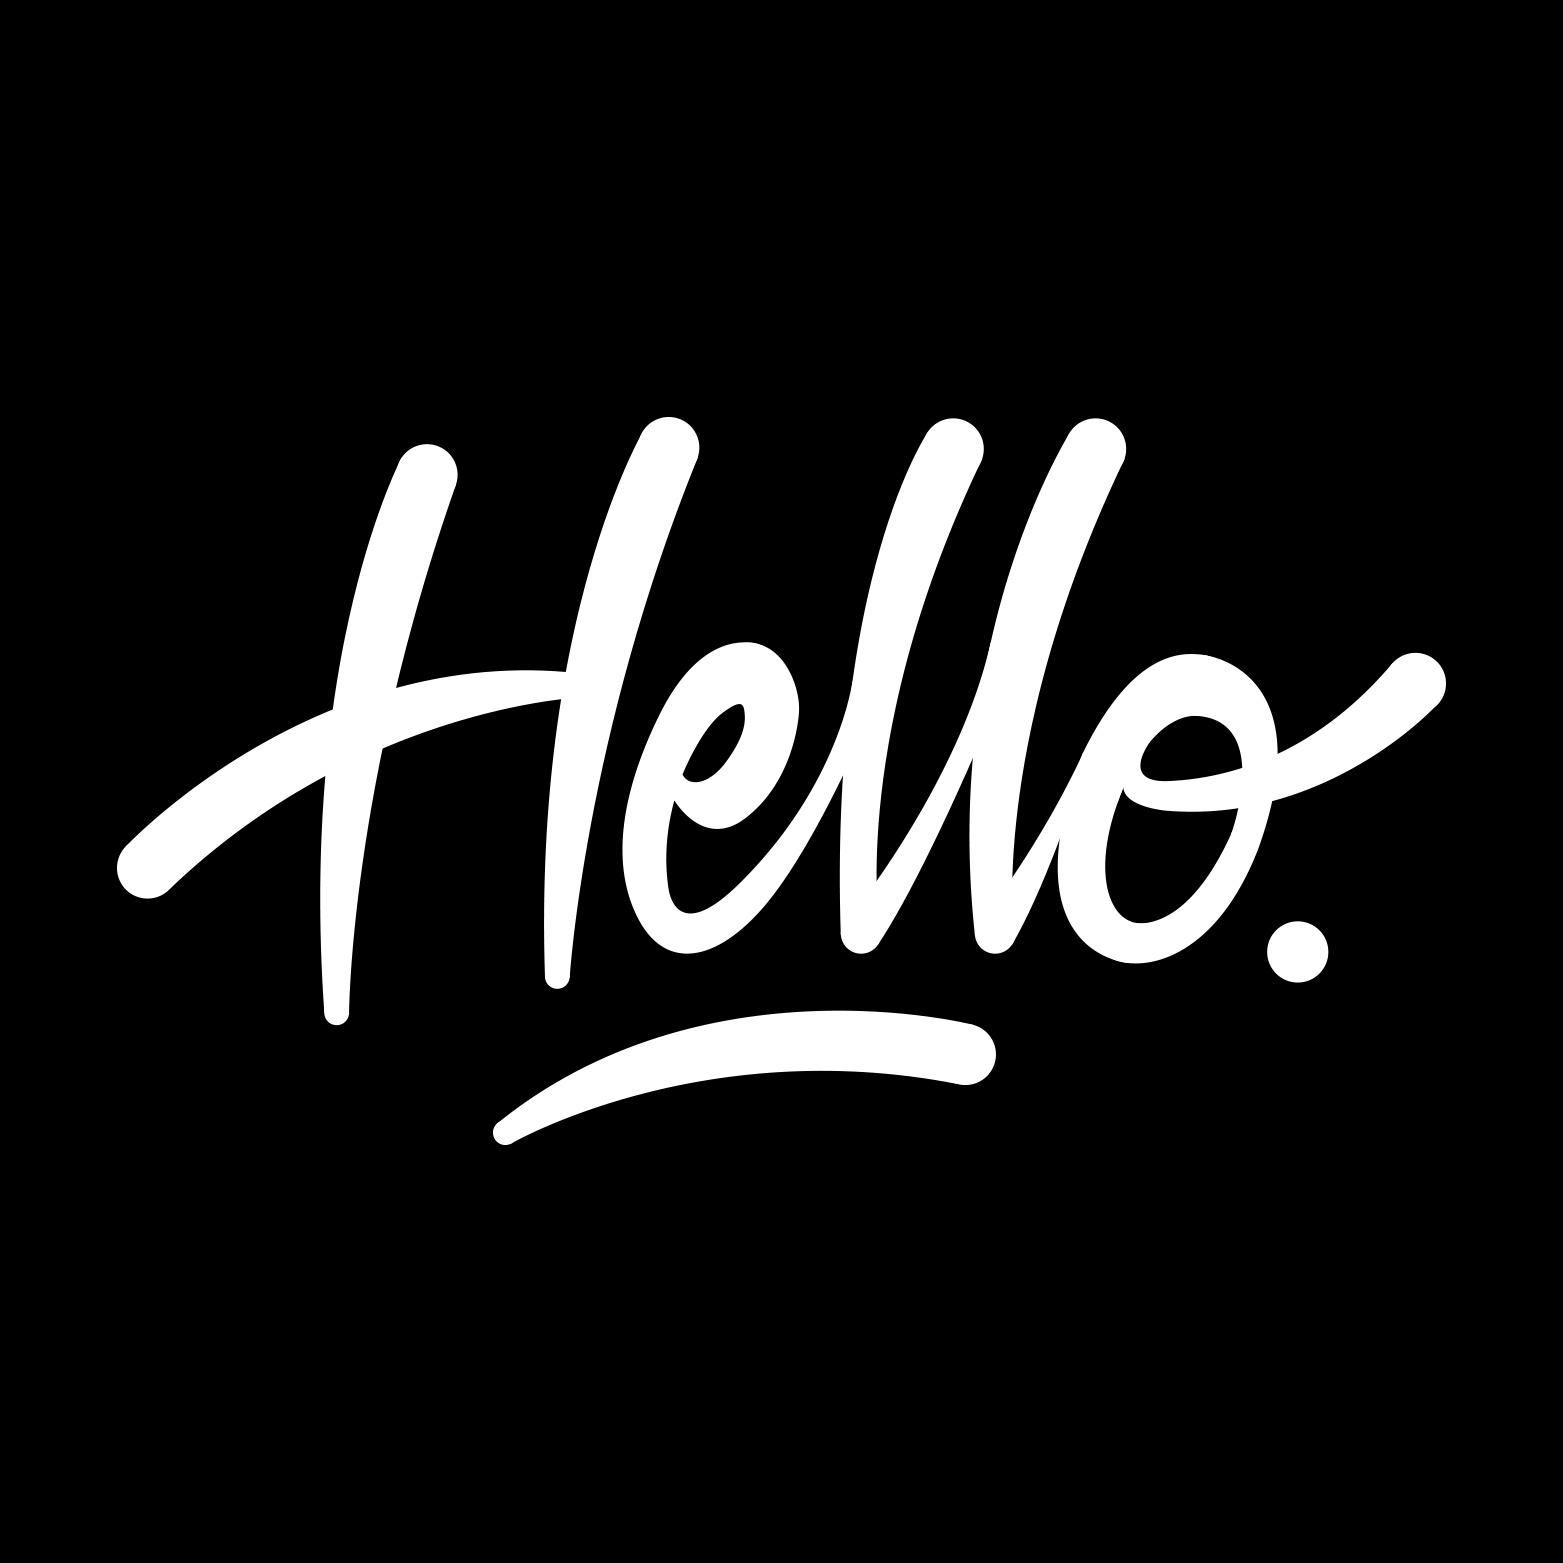 hello-3